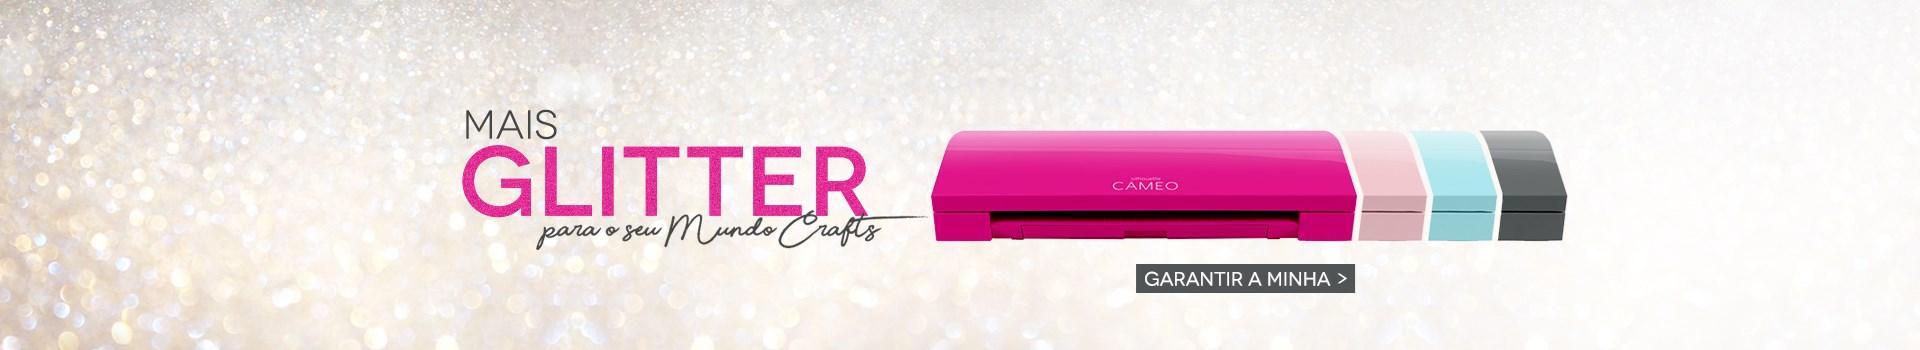 LANÇAMENTO: A Cameo 3 ganhou novas cores, agora com um toque de brilho.